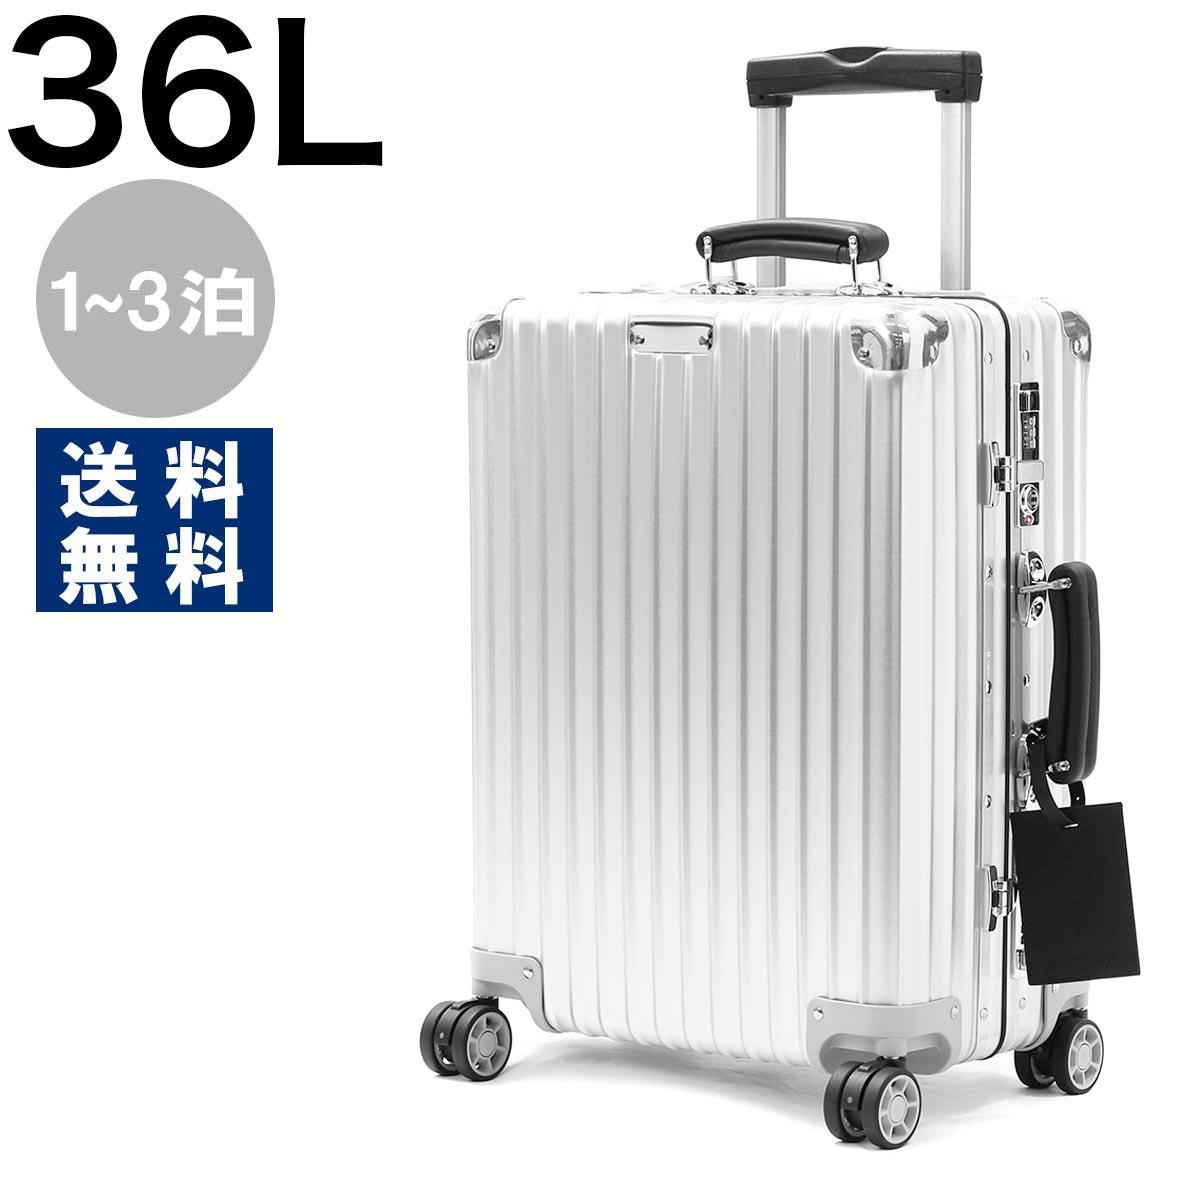 リモワ スーツケース/旅行用バッグ バッグ メンズ レディース クラシック キャビン 36L 1~3泊 シルバー 972.53.00.4 RIMOWA